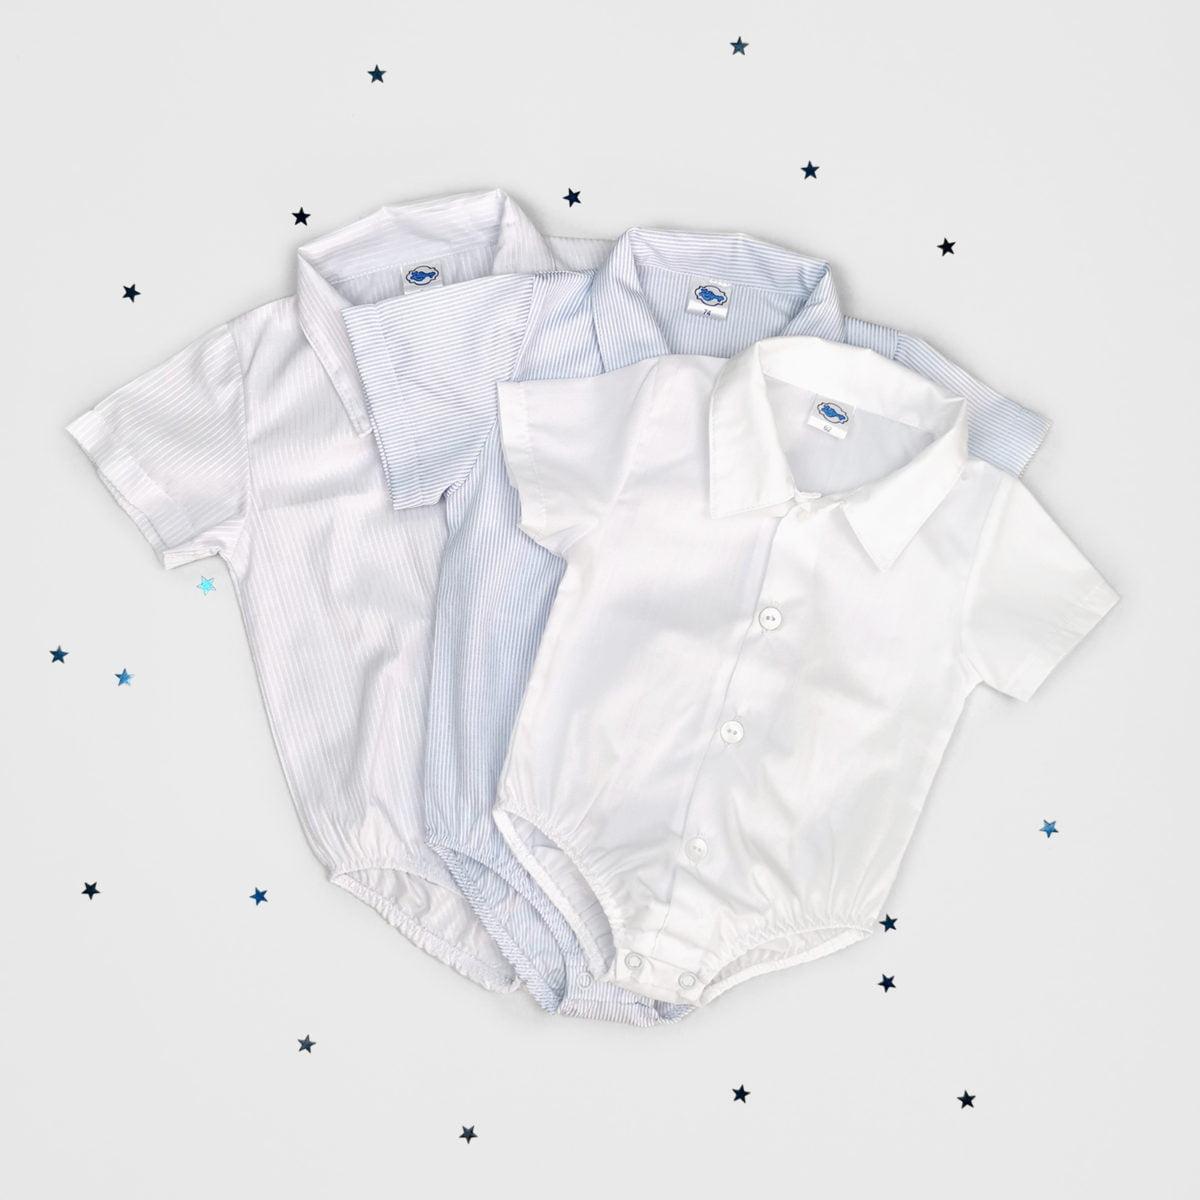 bodi košulje za svečane prilike